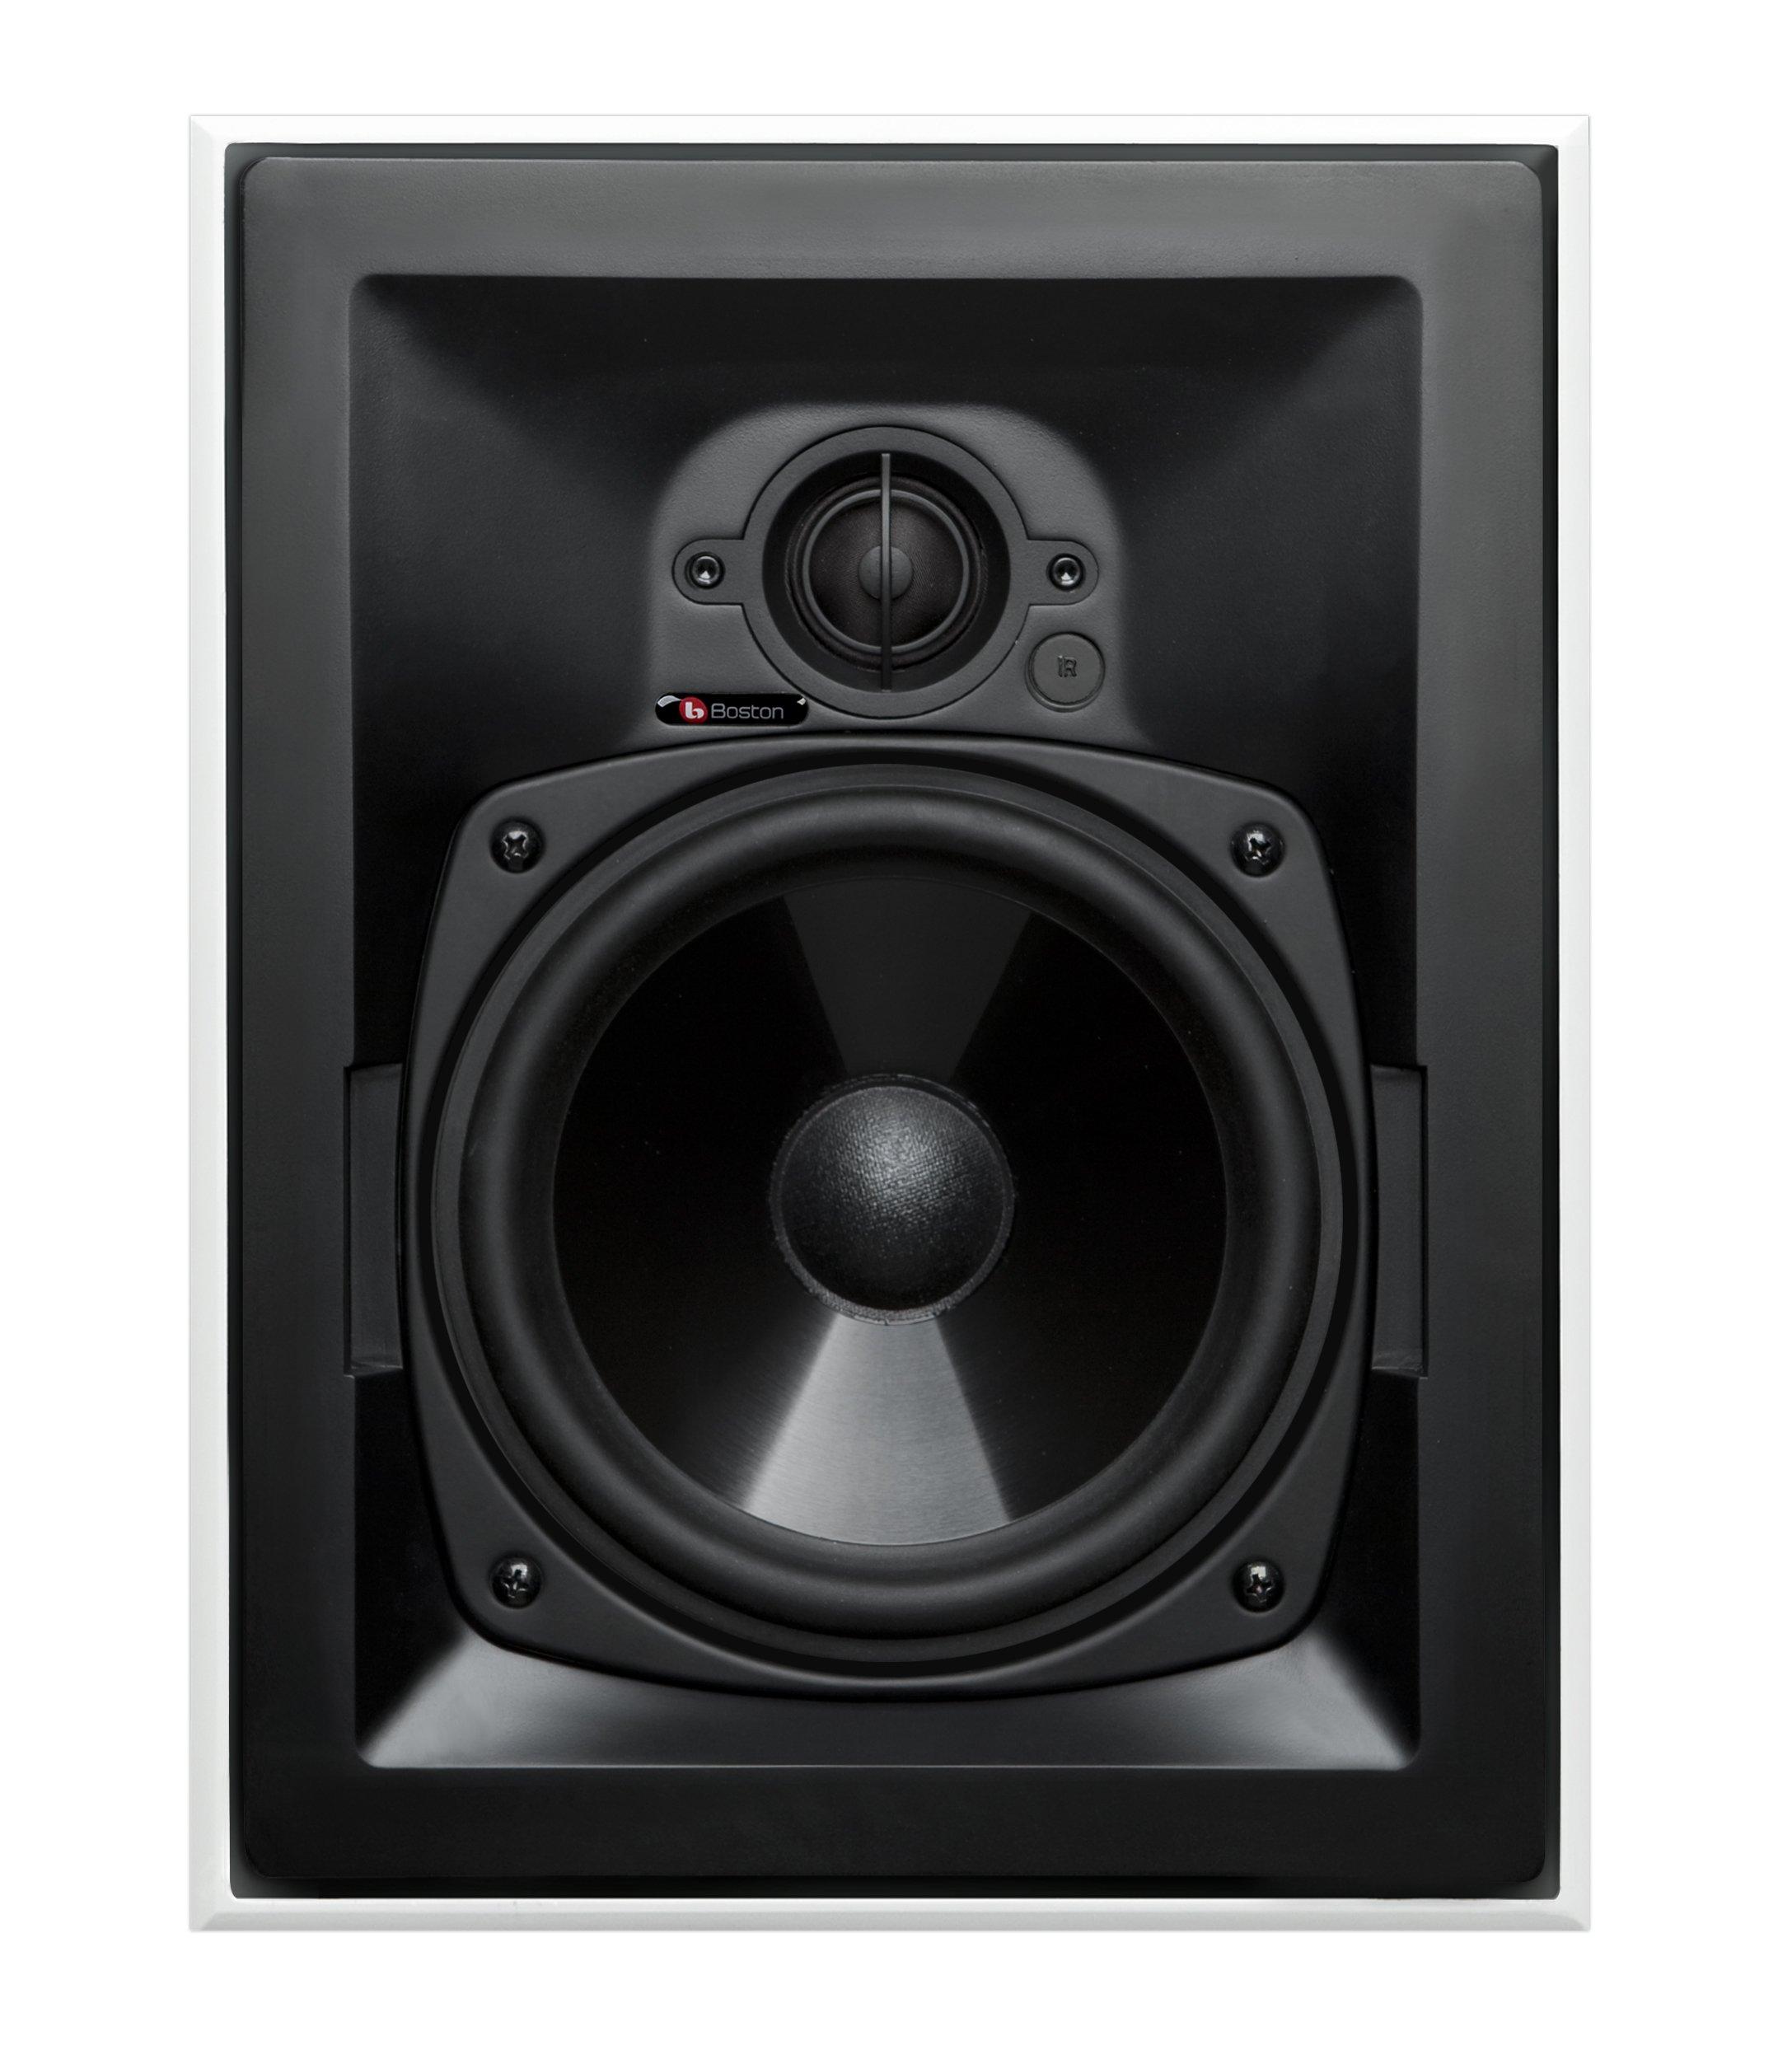 Boston Acoustics HSi 475 6.5'' 2-Way In-Wall LCR Speaker